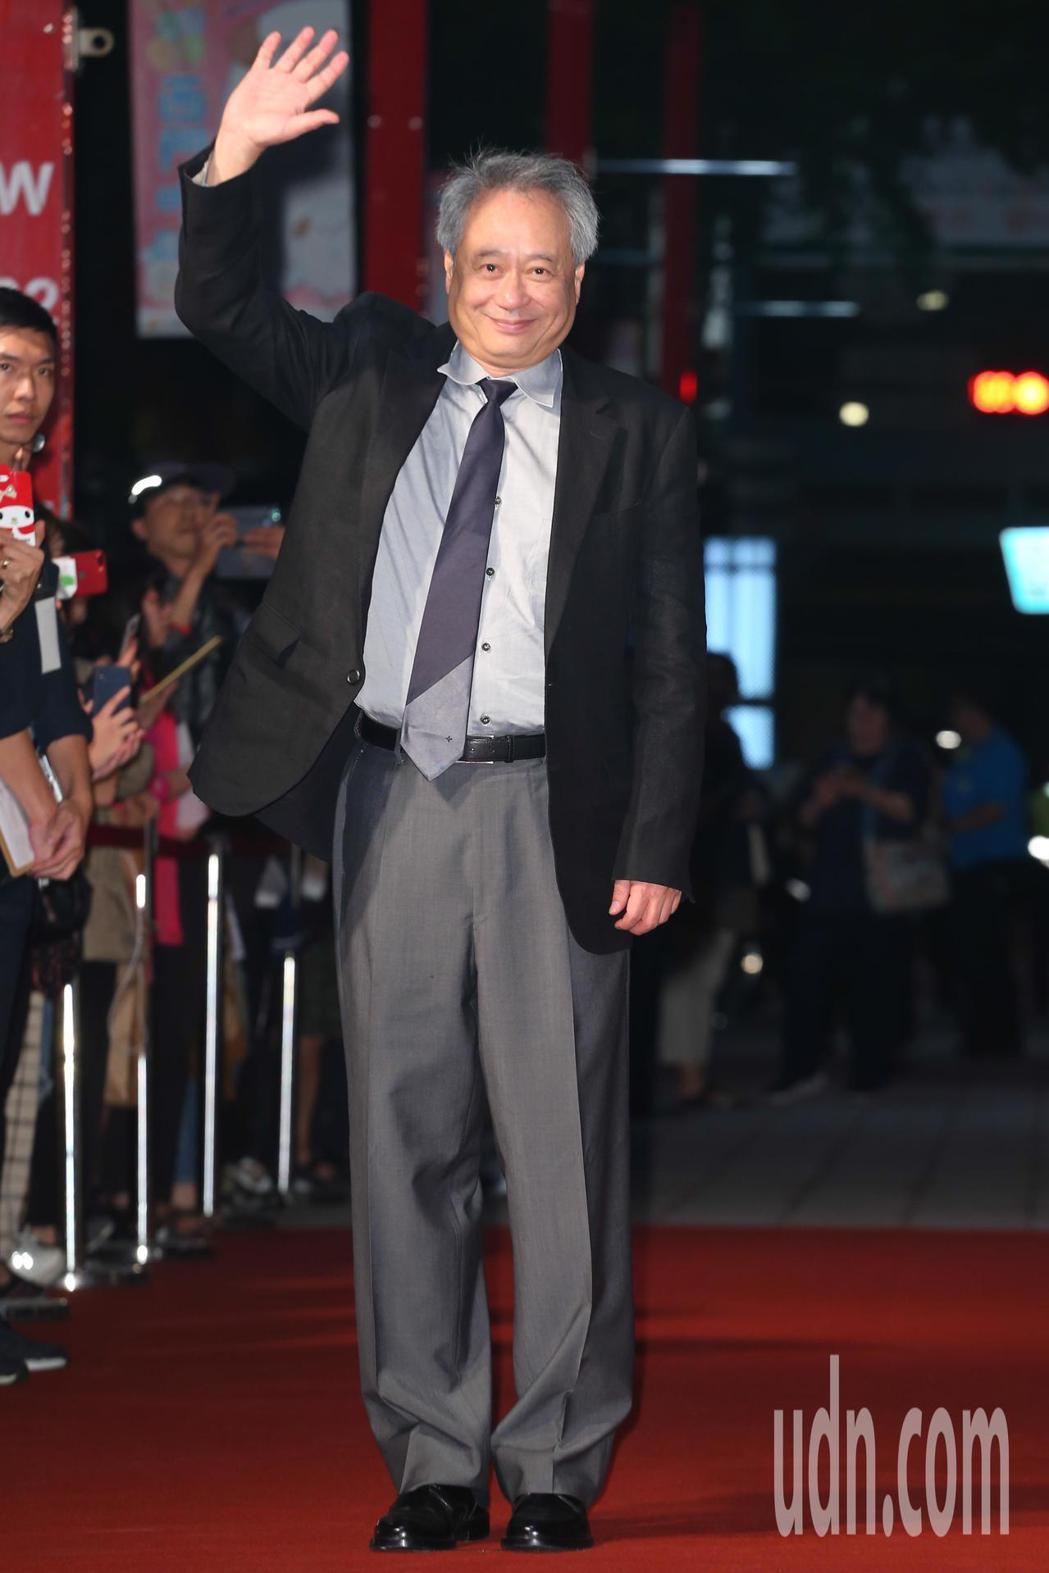 金馬獎主席李安今天出席金馬影展紅毯之夜。記者葉信菉/攝影